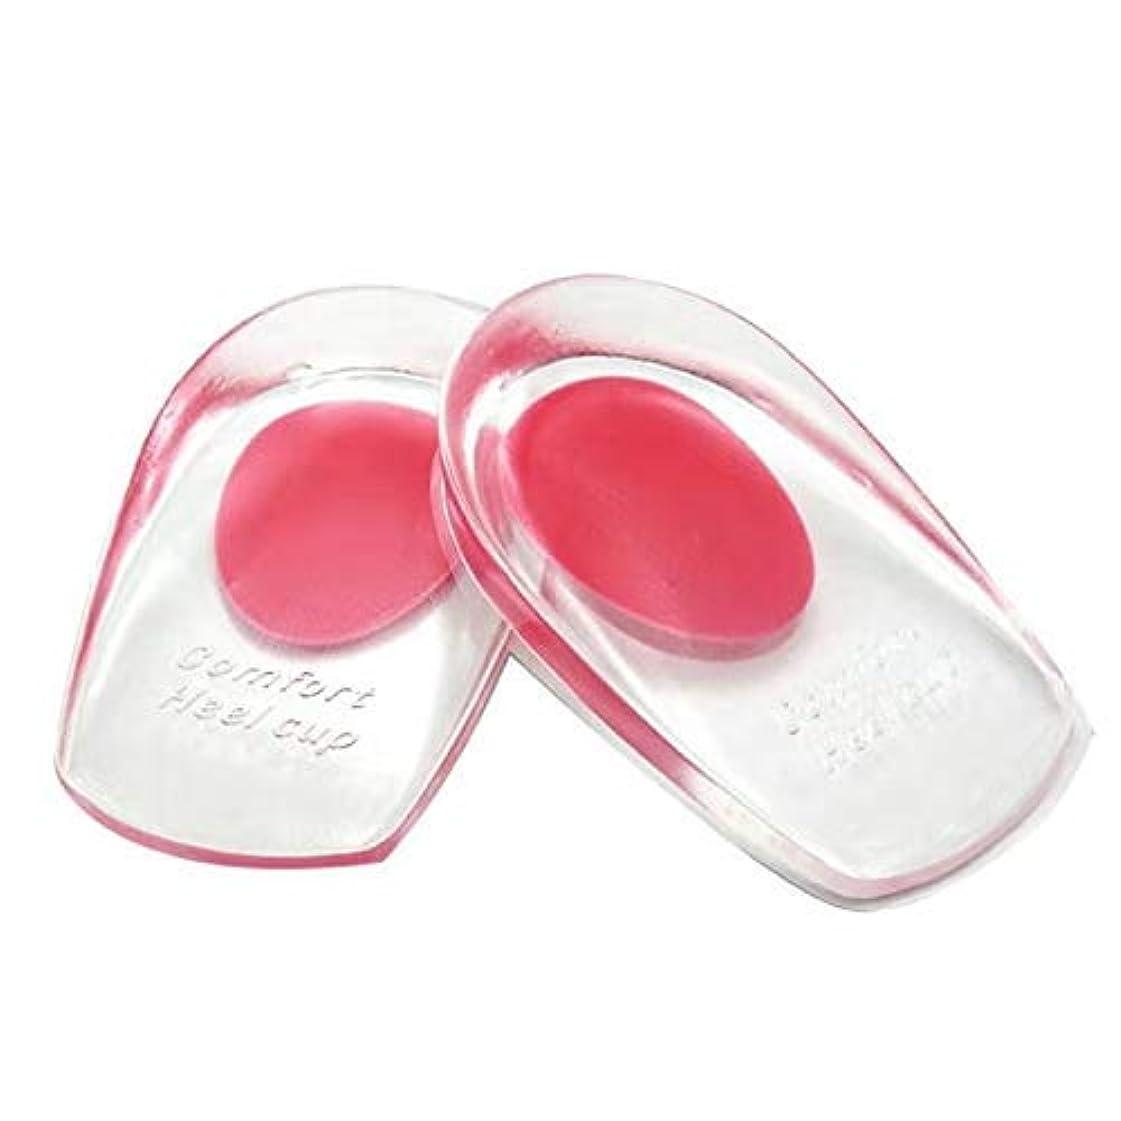 真向こう成熟こんにちは靴のかかとの柔らかい敷き靴と女性用の靴のかかとのサンダルの靴のかかとの柔らかい敷き靴のかかとの柔らかい敷き靴の柔らか